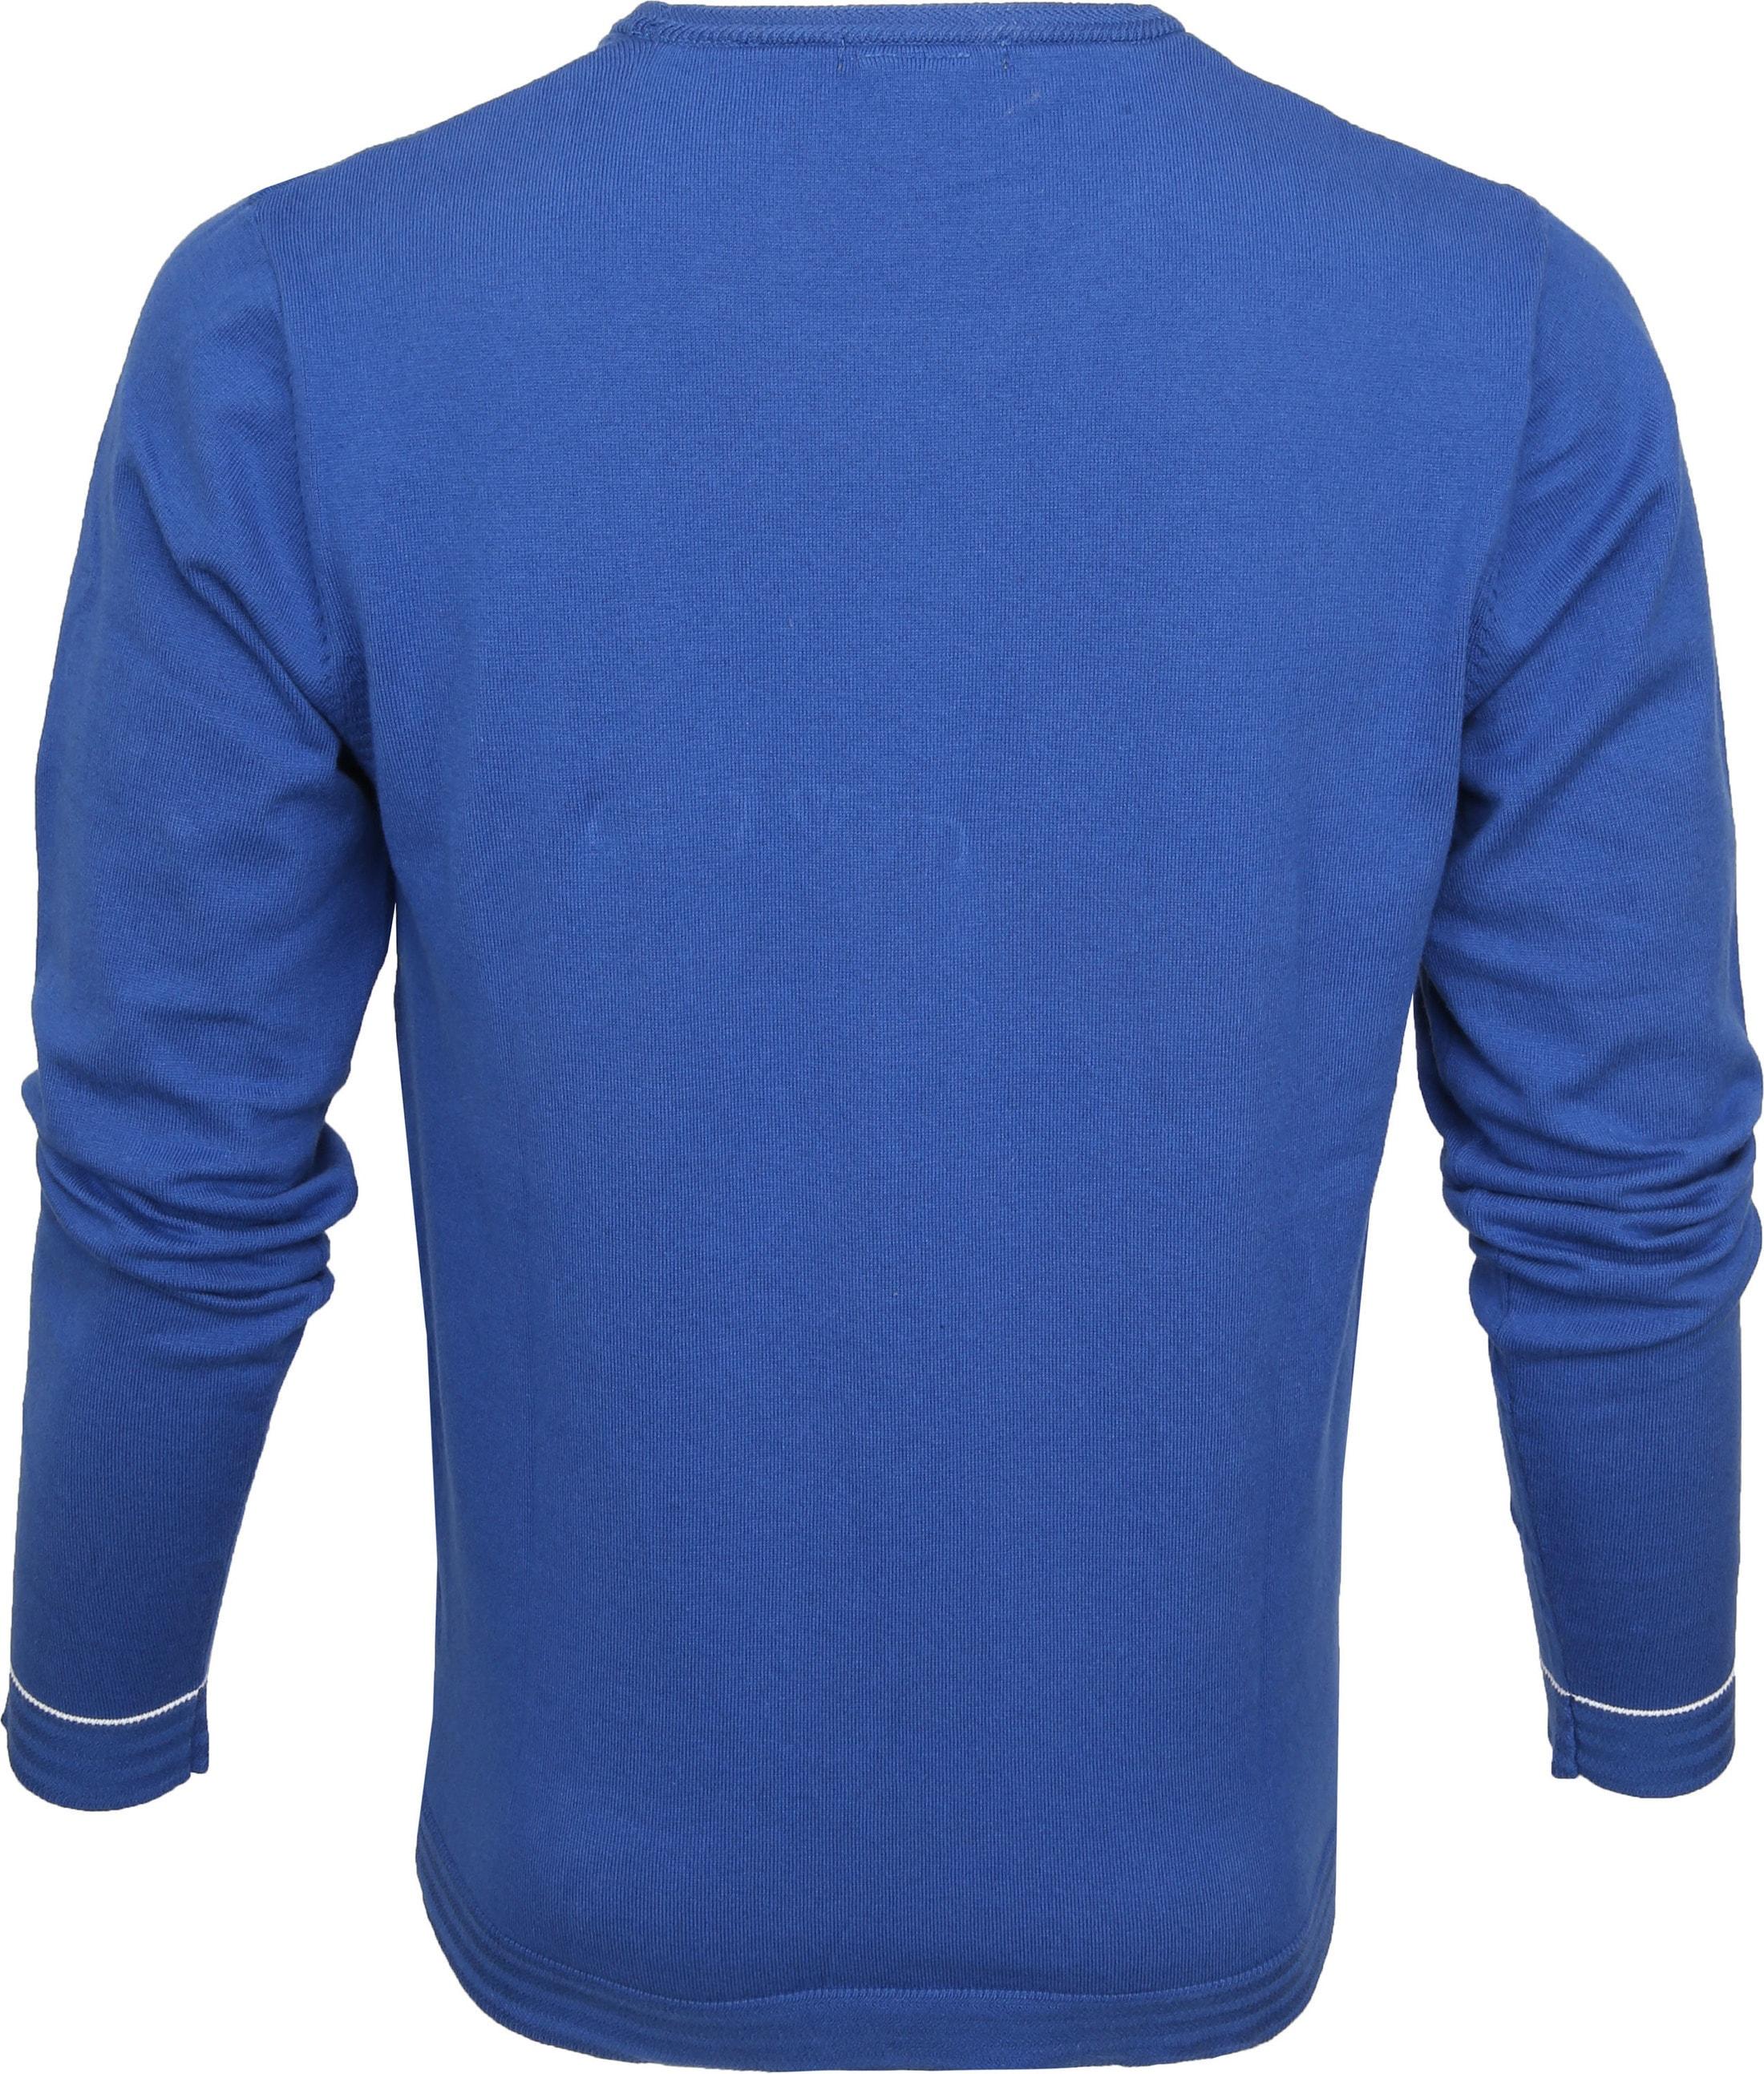 Blue Industry Knit Sweater Blauw foto 2